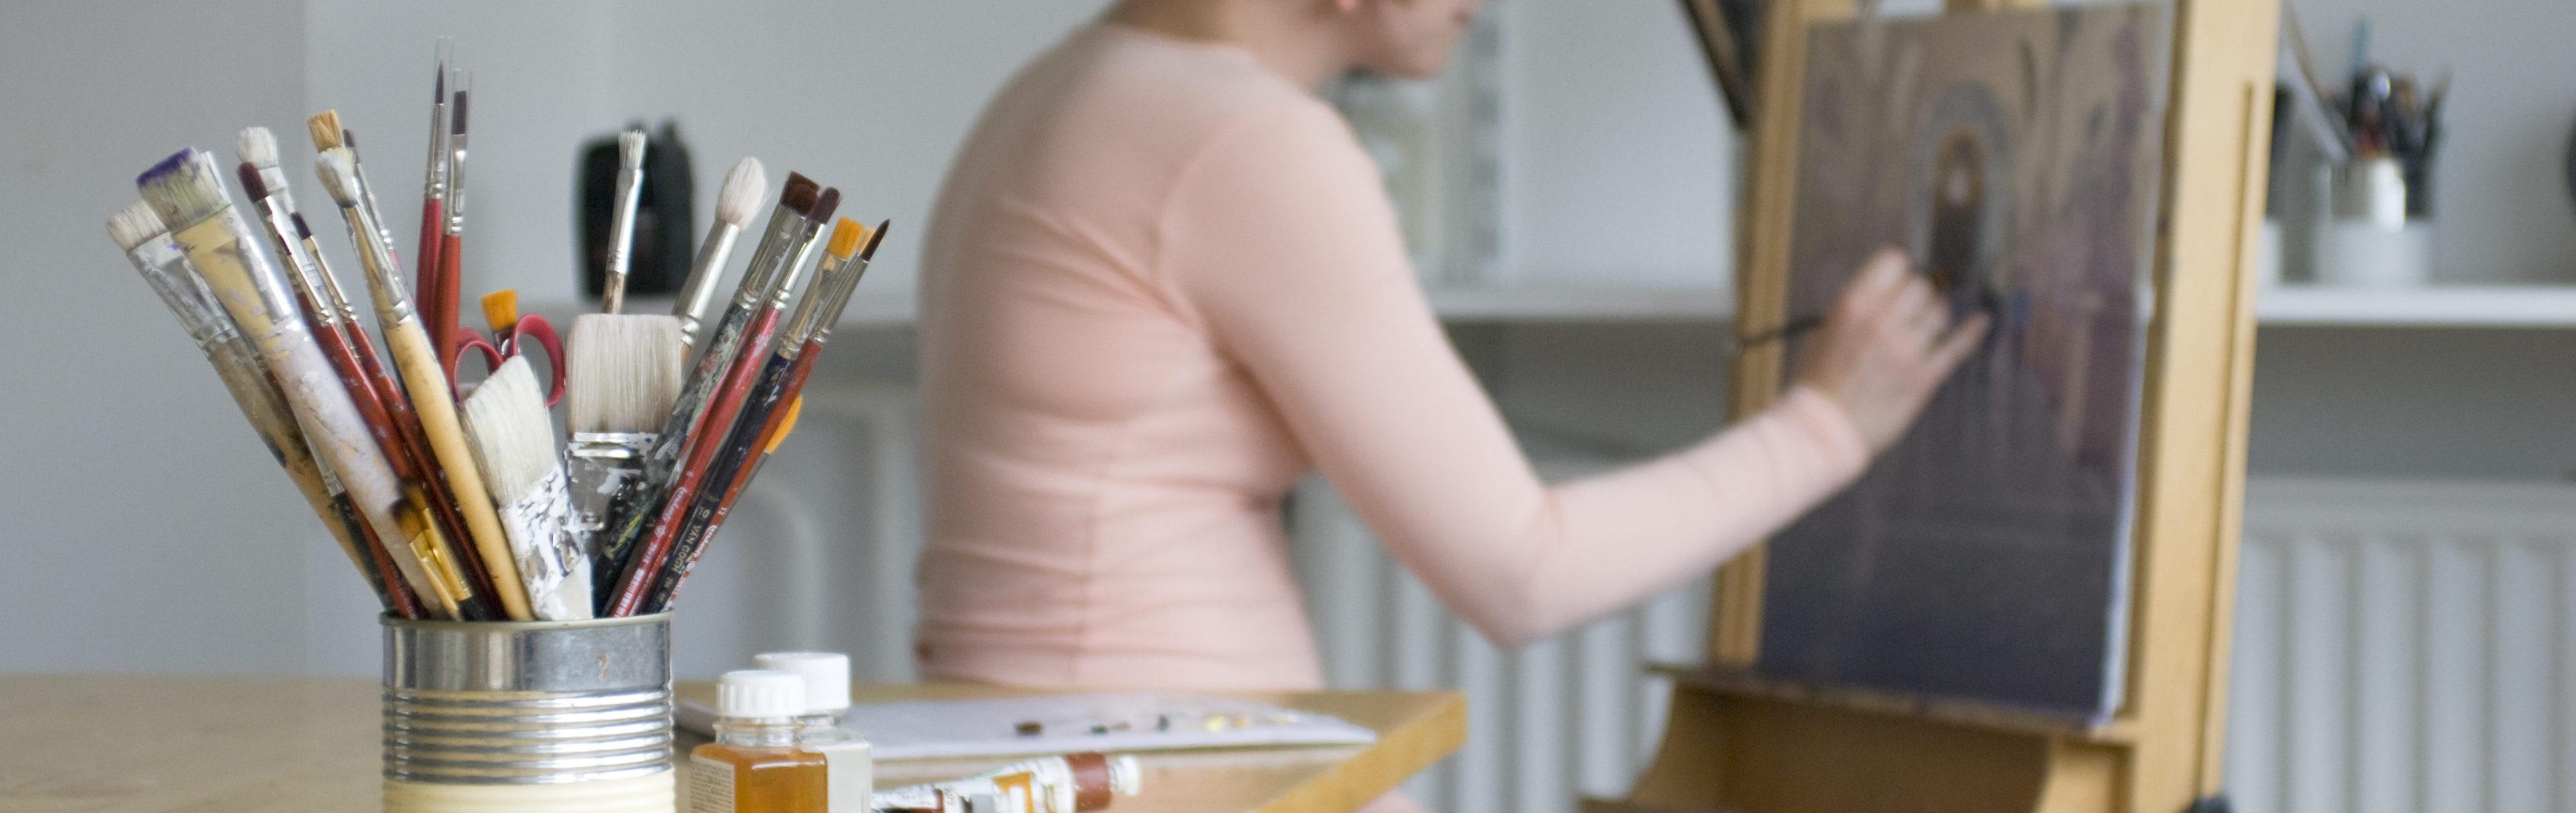 Leren schilderen met figuratief schilderen.nl